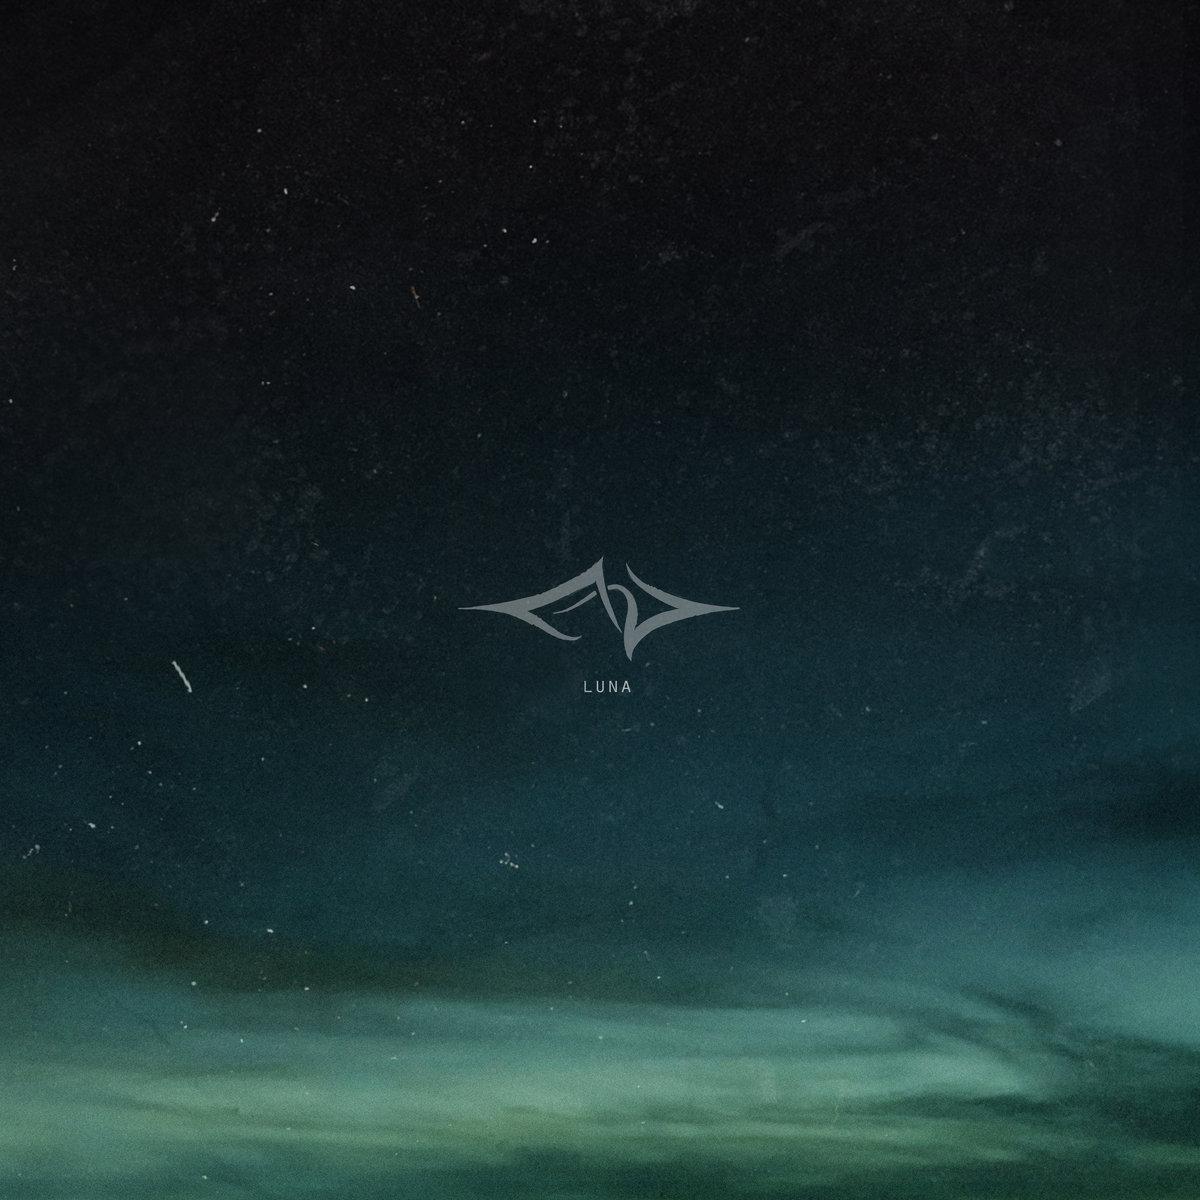 12. Phelian - Luna